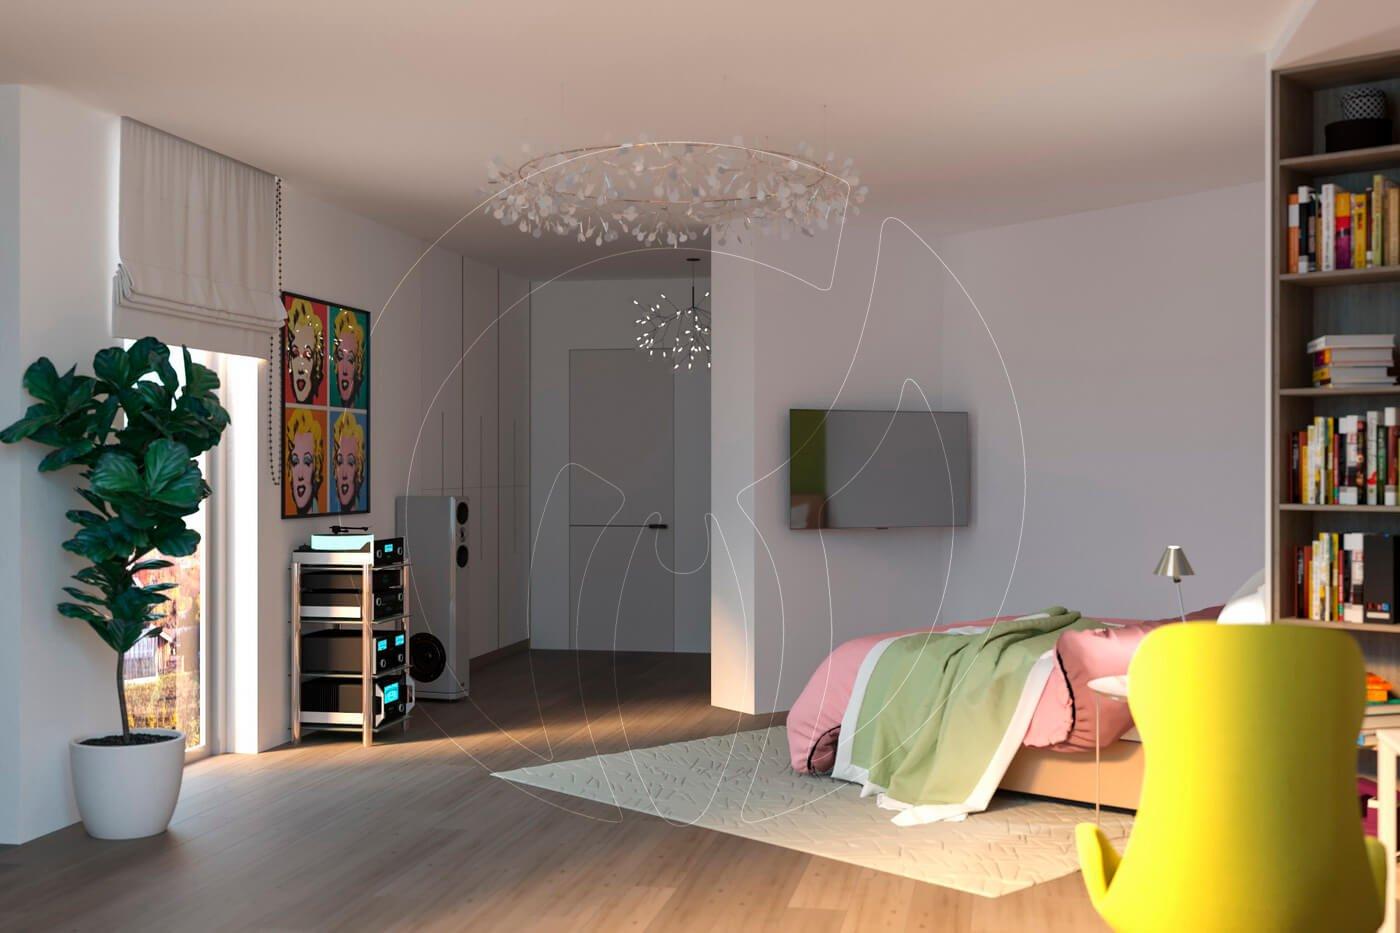 Загородный дом в современном стиле. Детская комната. Кровать